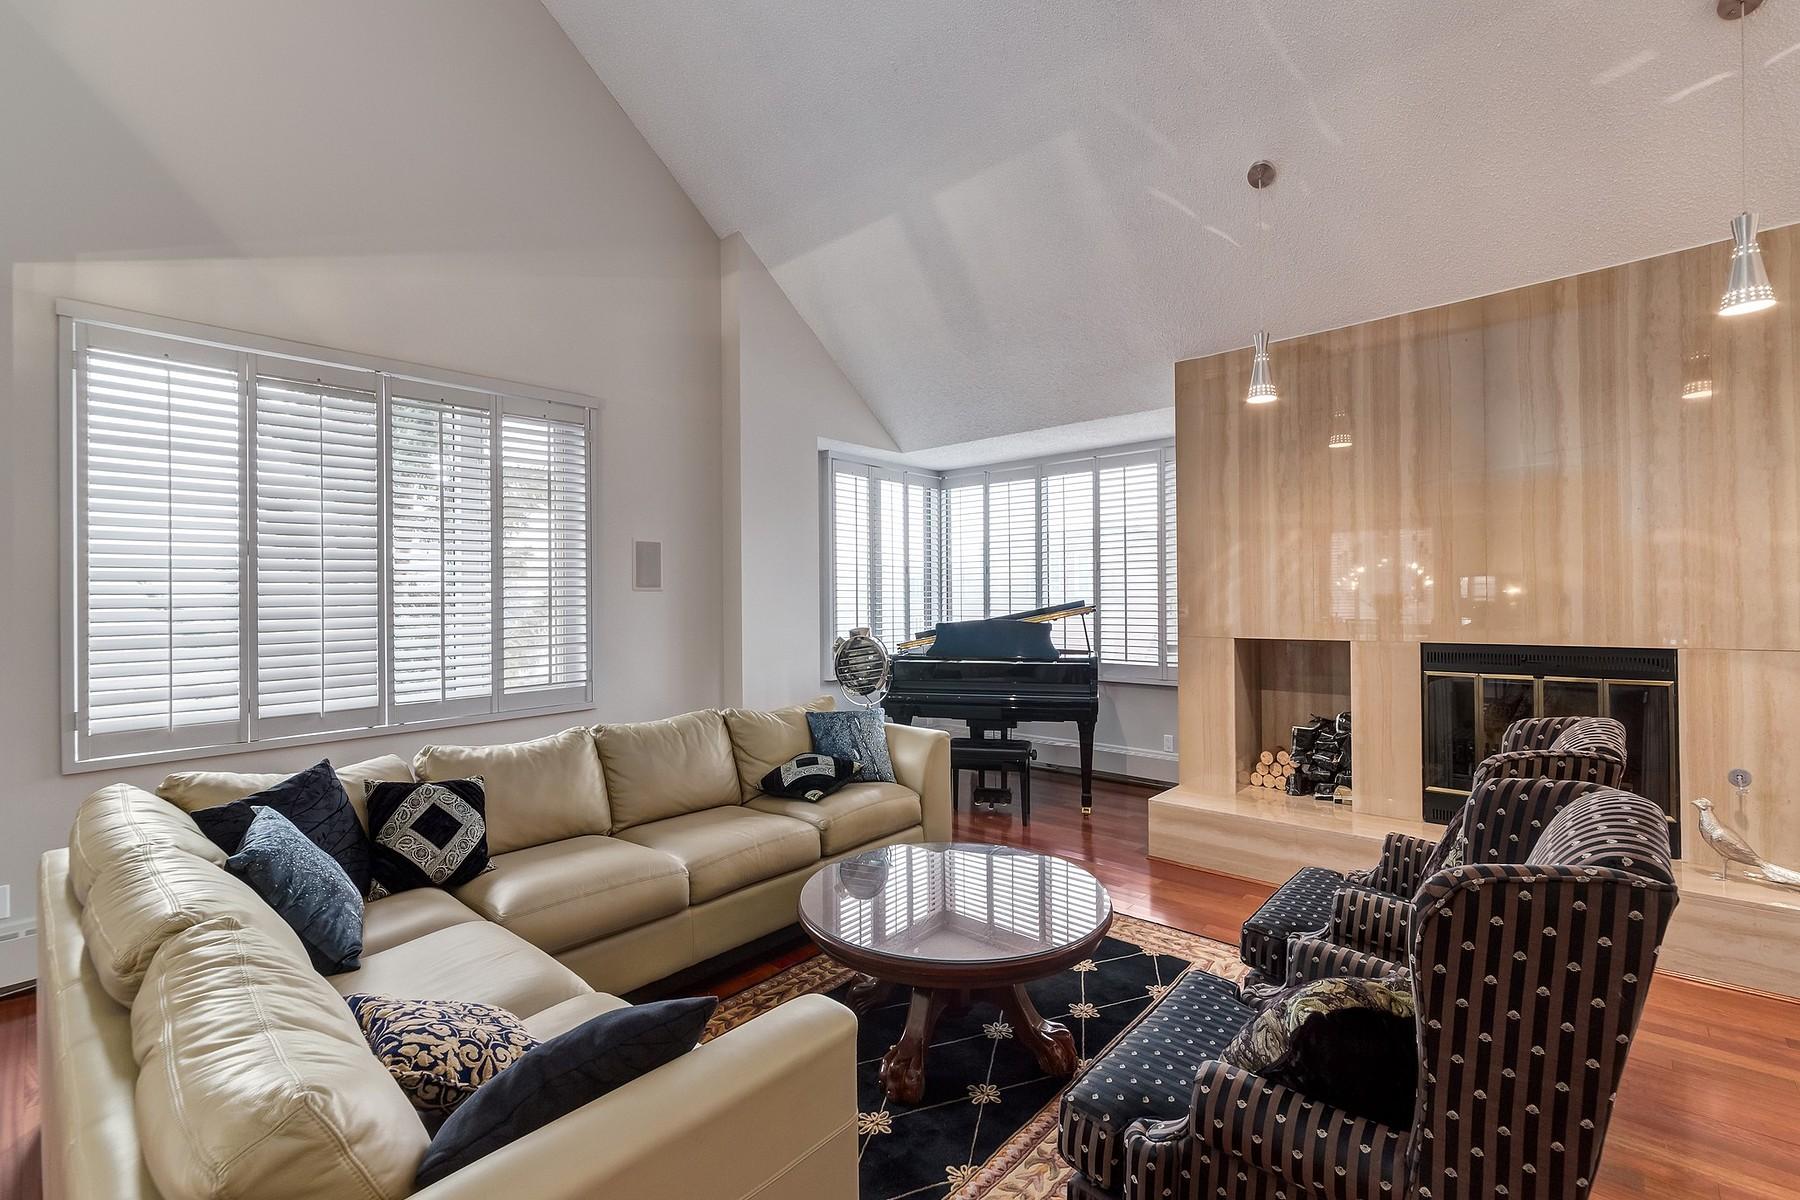 共管式独立产权公寓 为 销售 在 #500j 500 Eau Claire Avenue SW 卡尔加里, 阿尔伯塔, T2P 3R8 加拿大